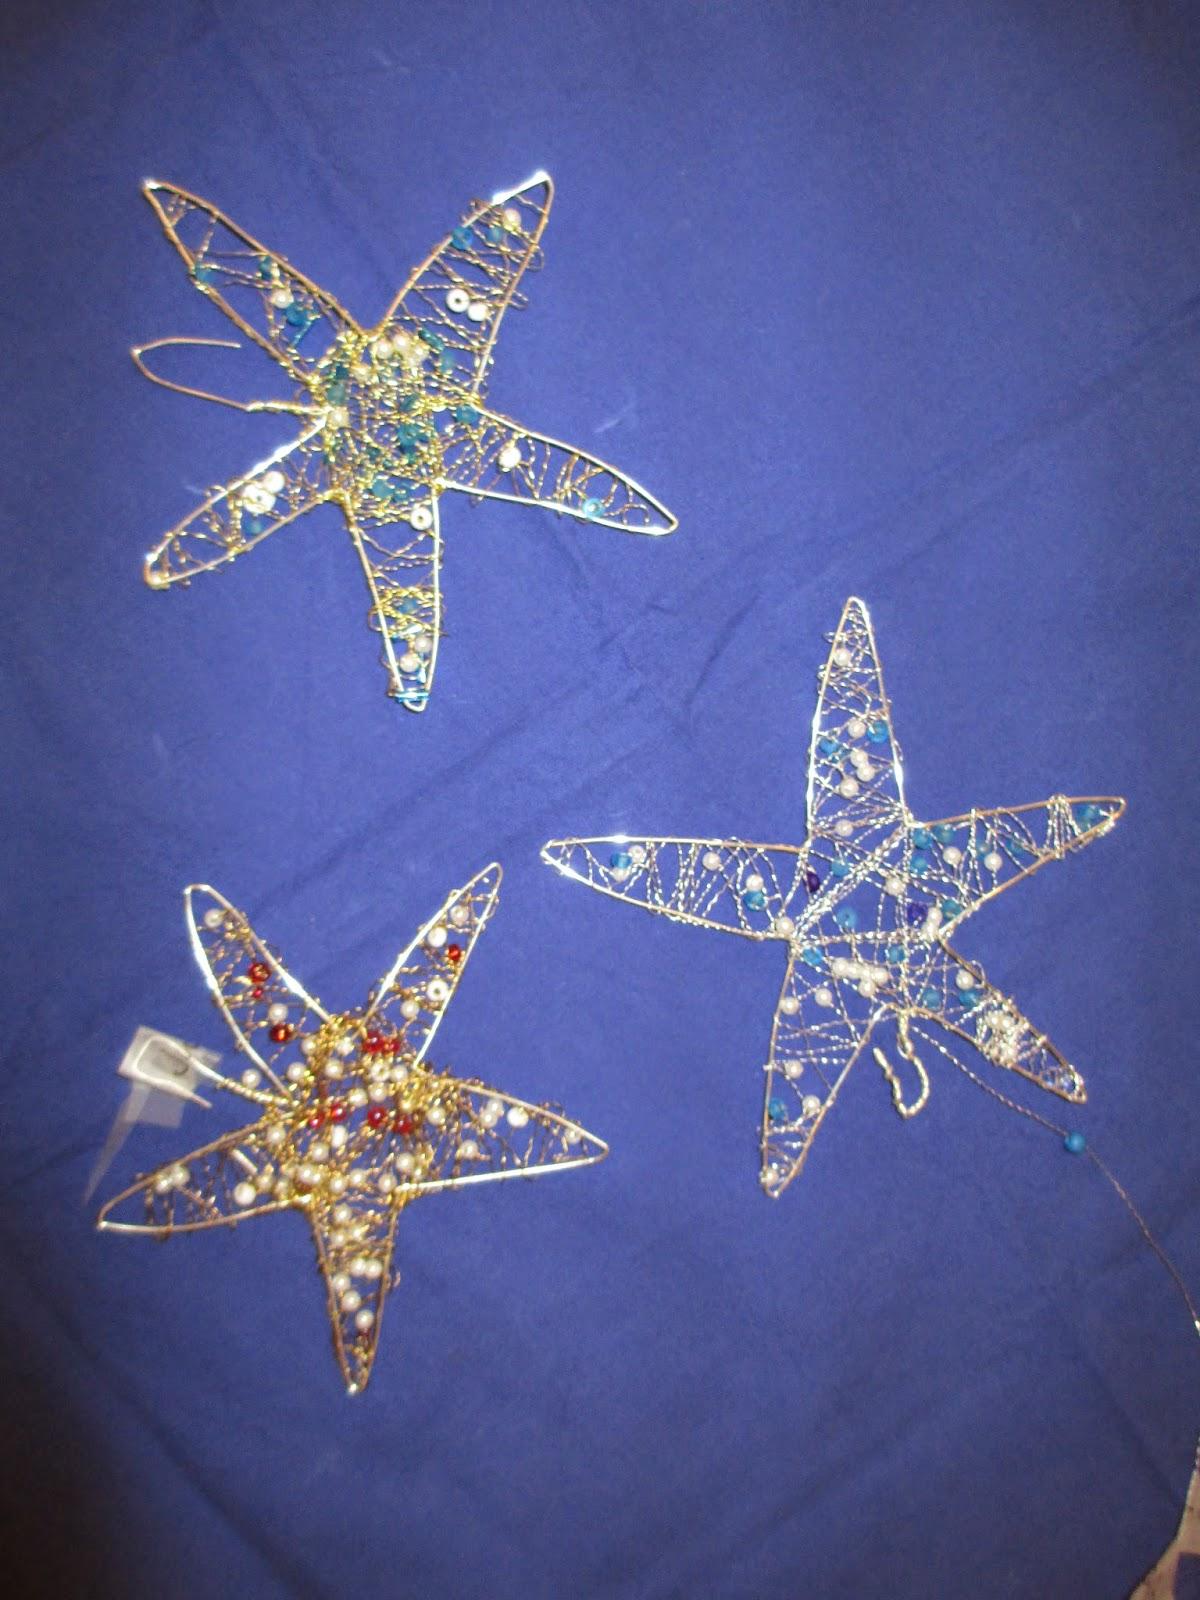 Märlimuus: Sterne aus Draht mit Perlen - Weihnachtsgeschenk